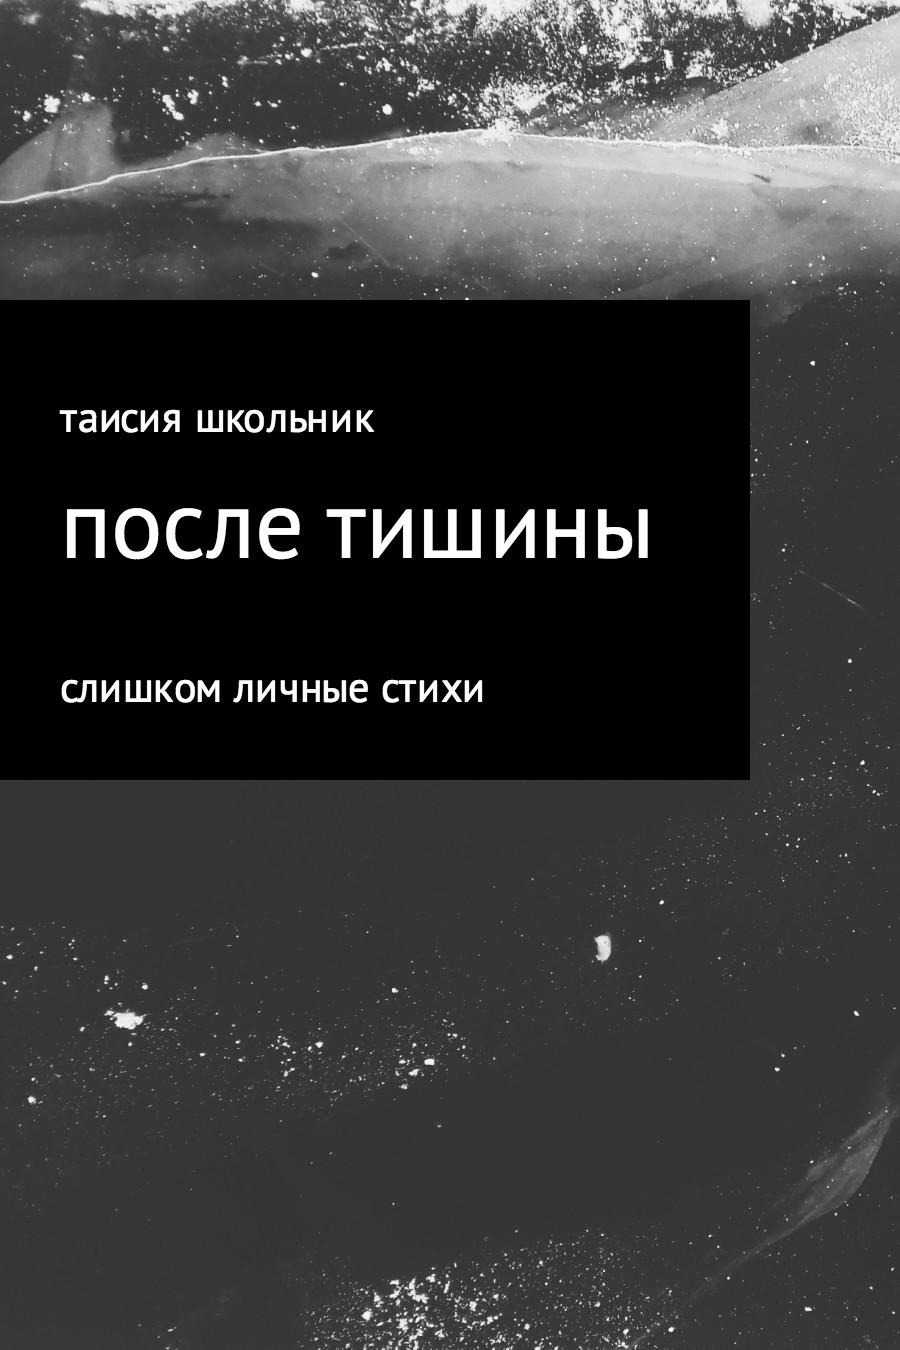 Таисия Школьник После тишины геннадий анатольевич бурлаков о любви и о жизни сборник стихотворений